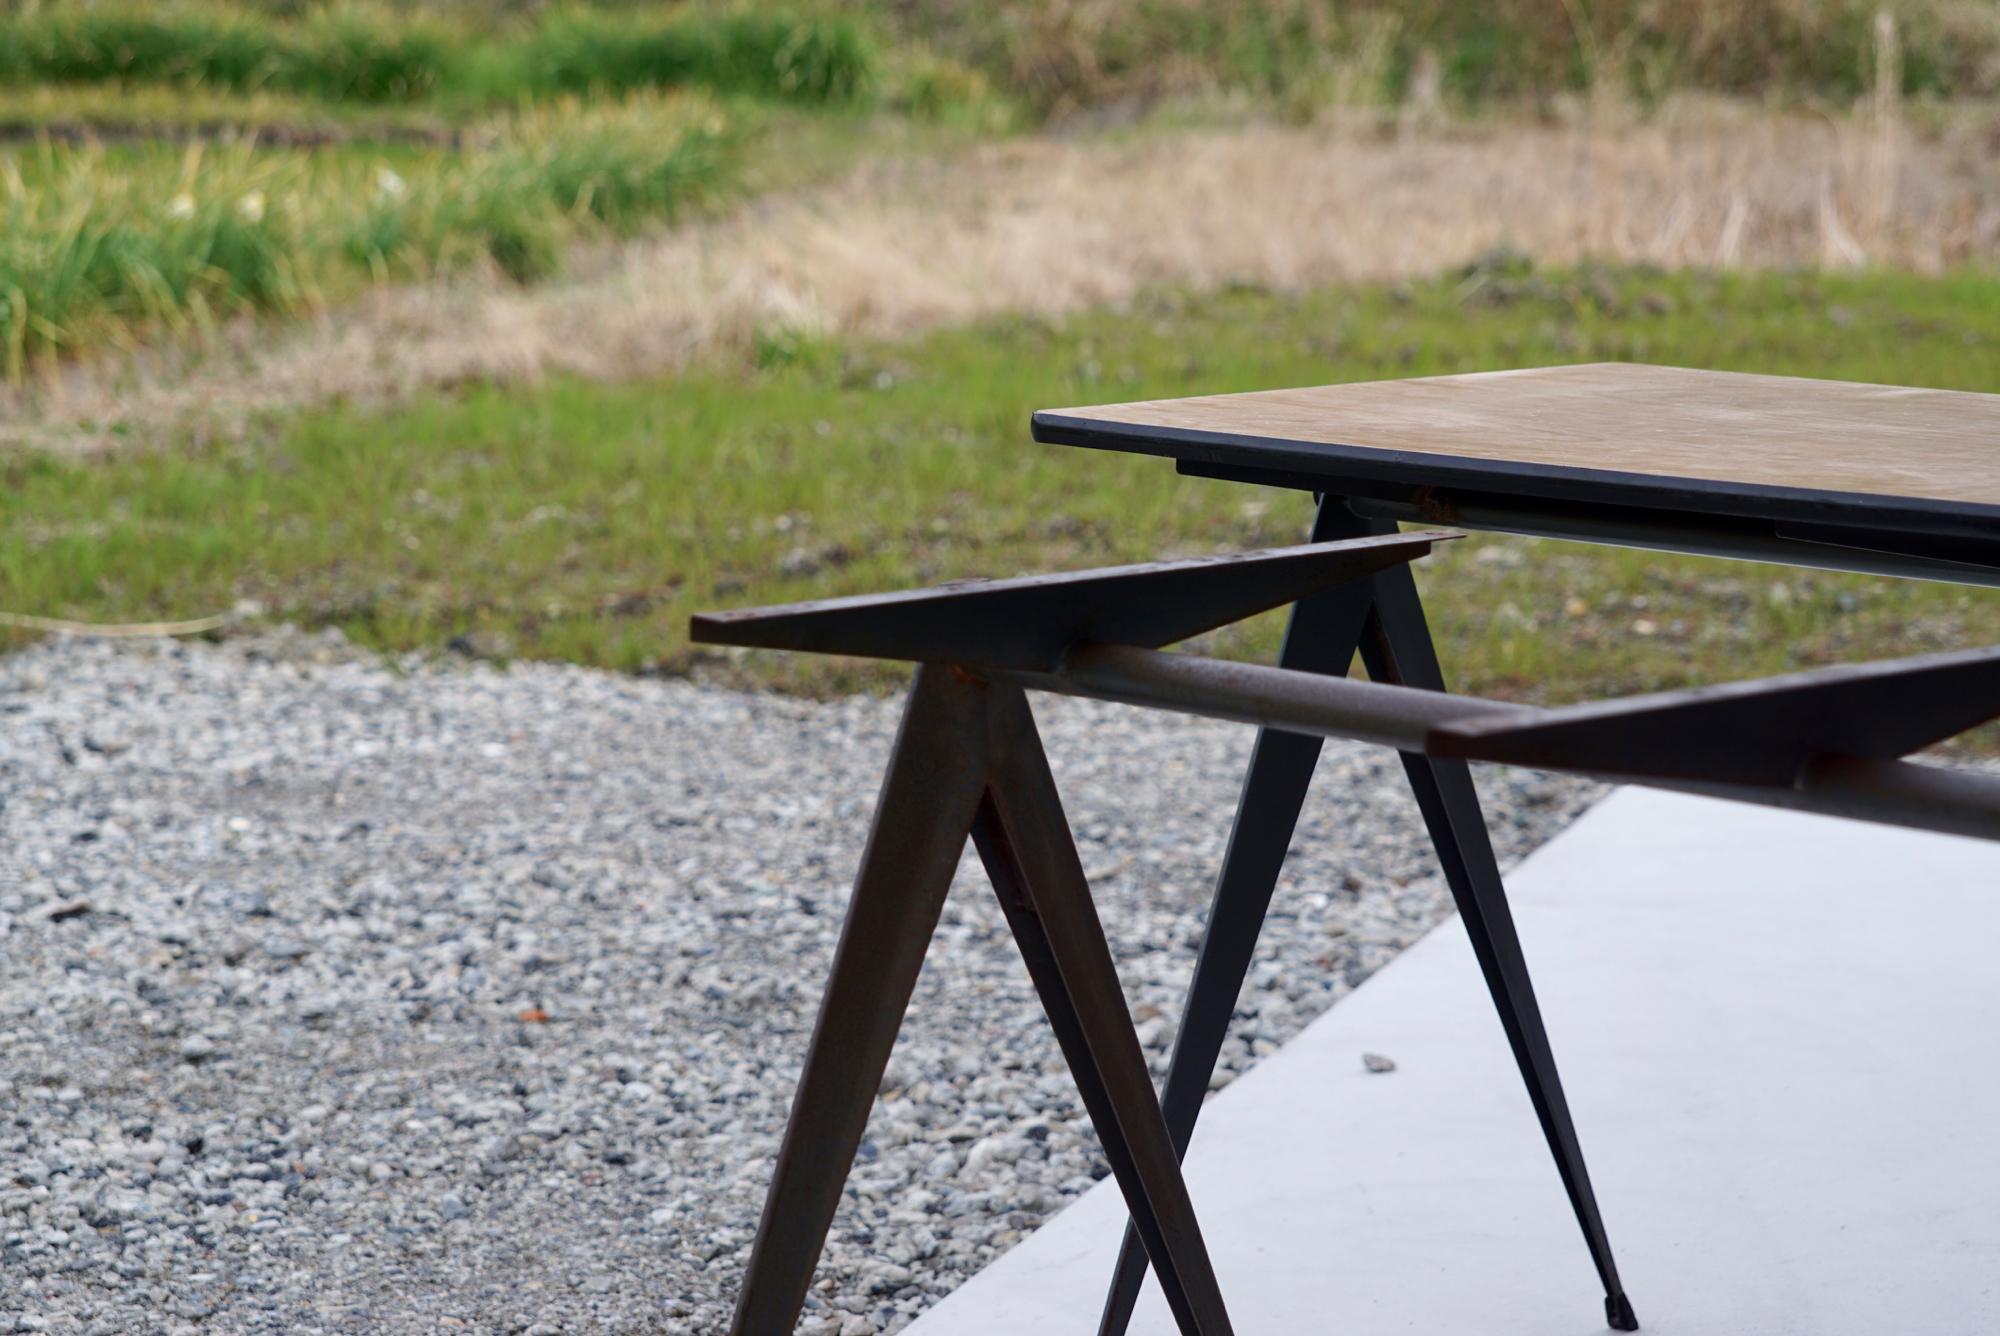 004_008A インダストリアル コンパステーブル - 42